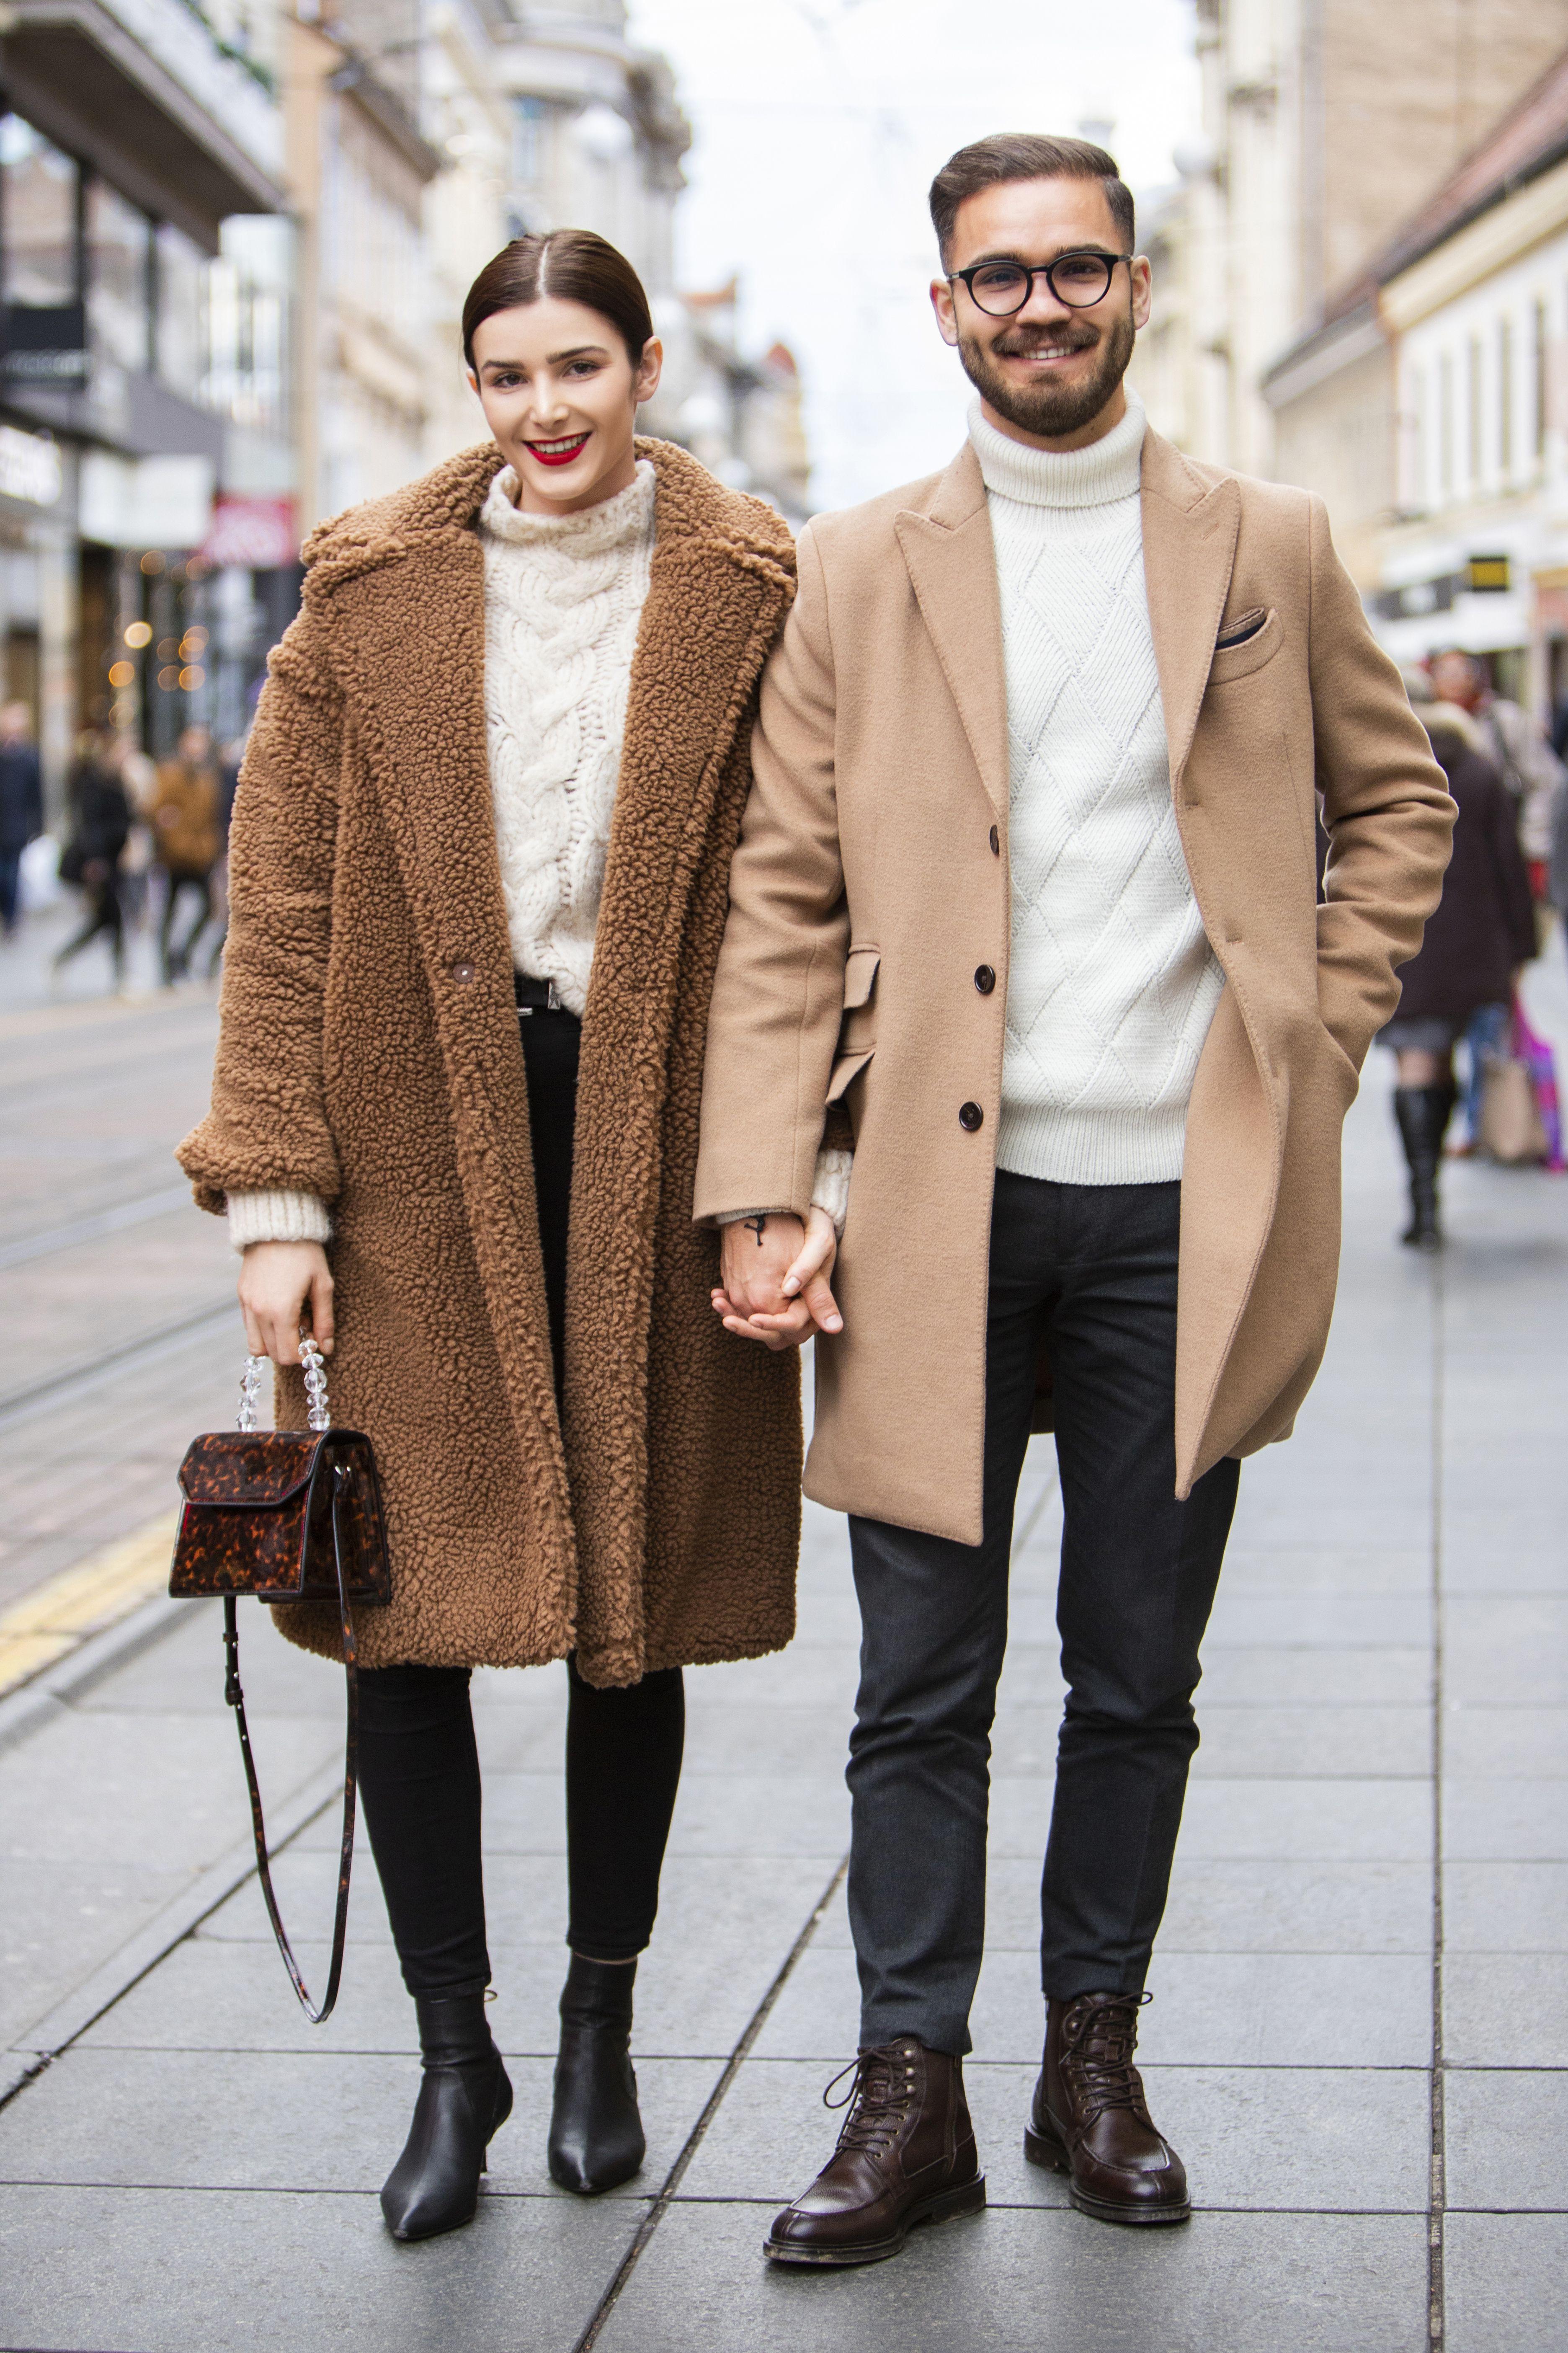 Kakav par! Njih dvoje su baš pravi #couplegoals, a kombinacije su im zakon!